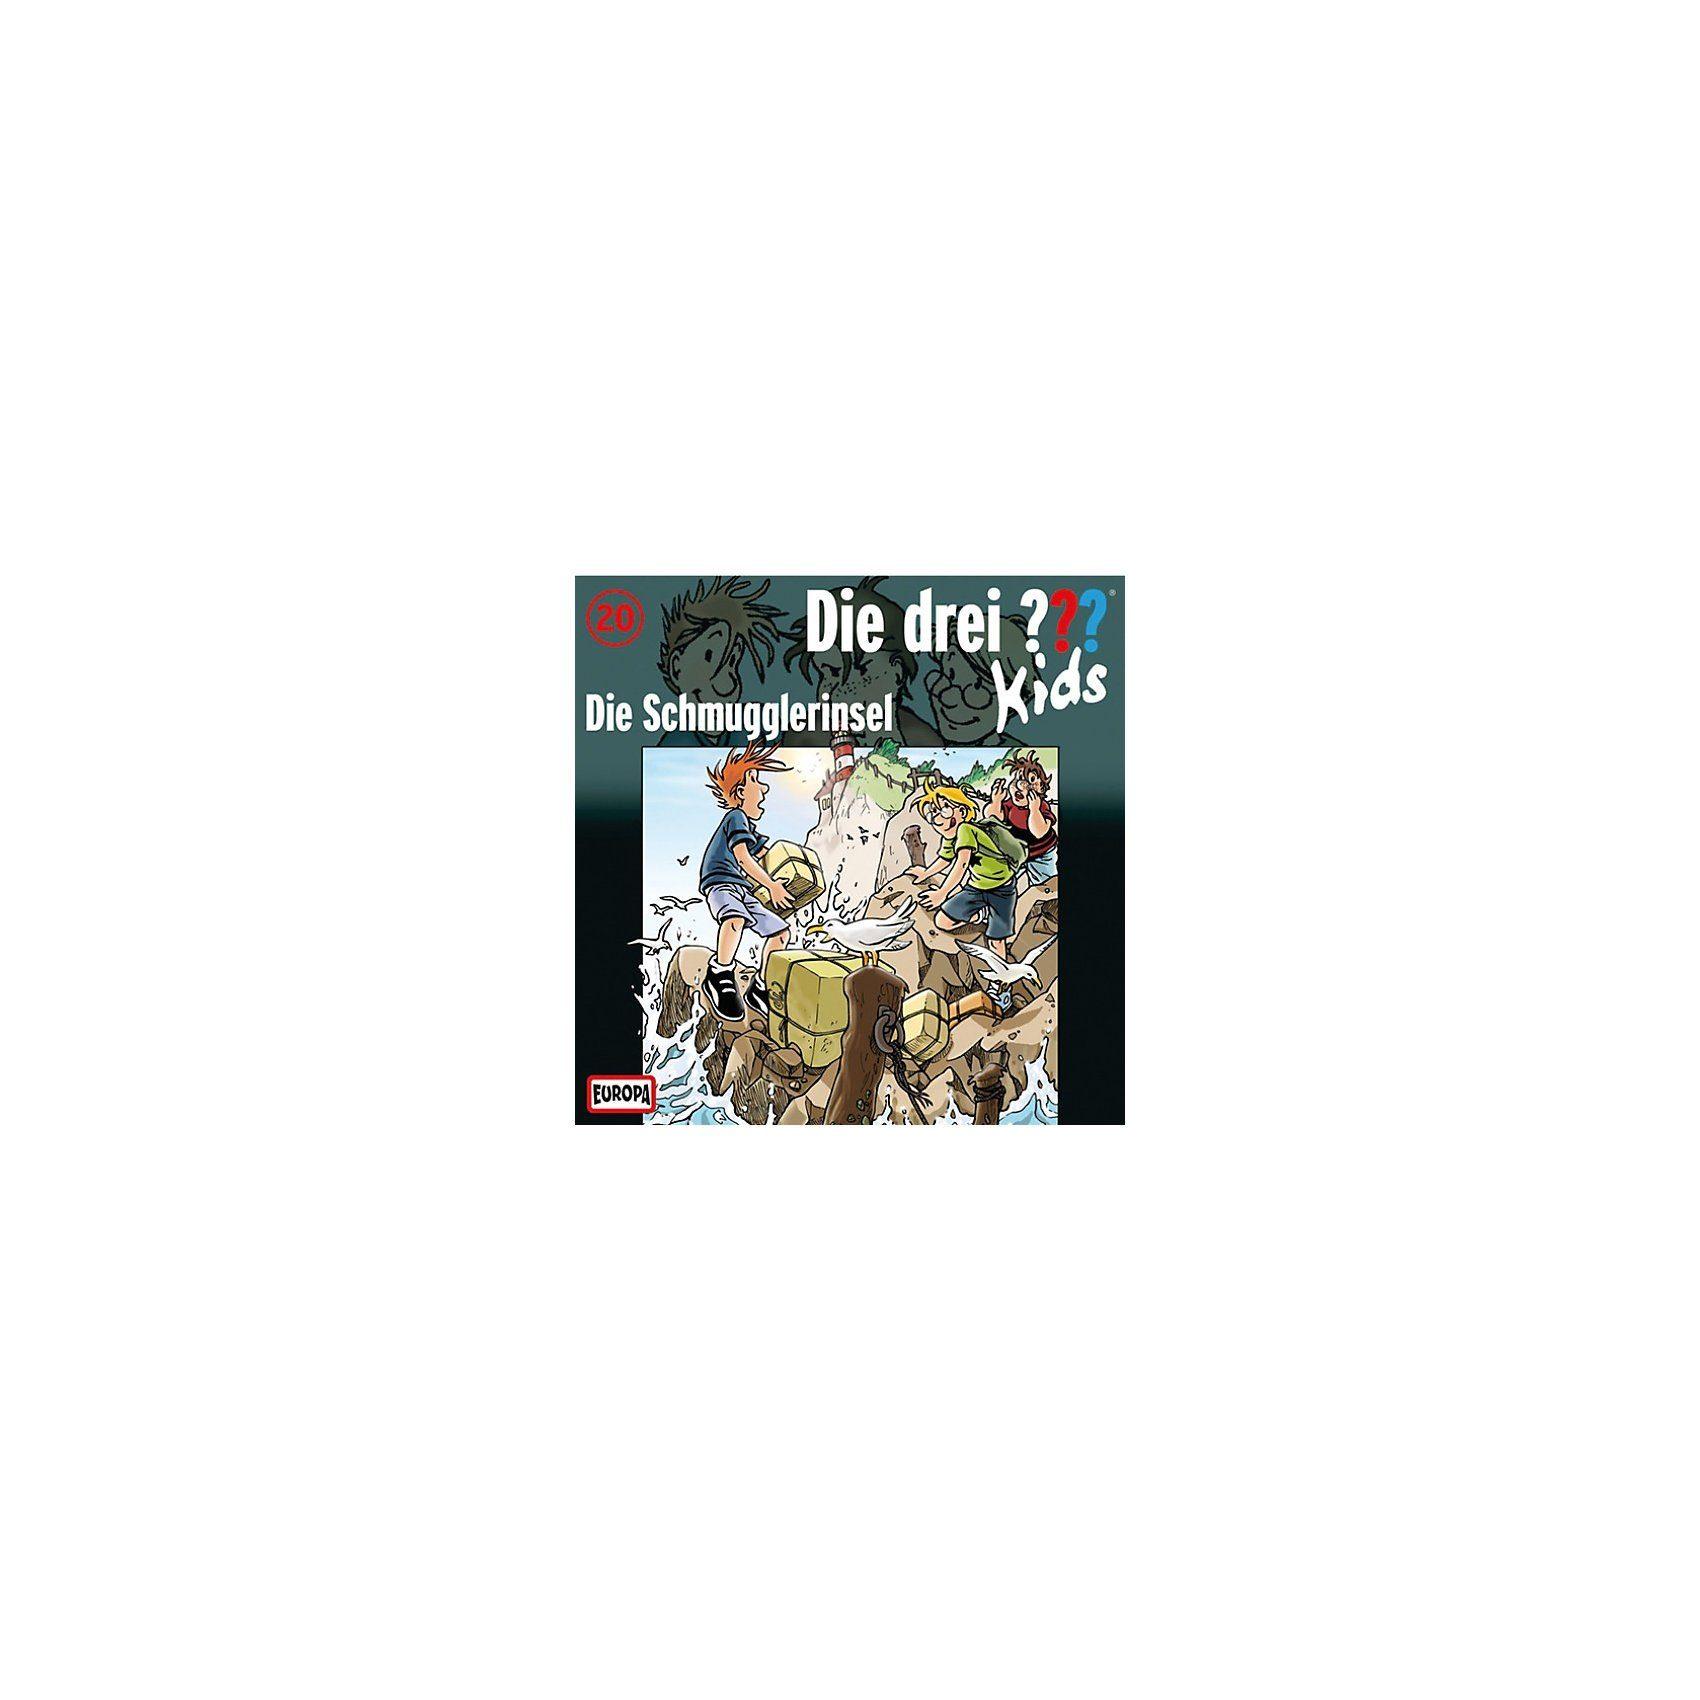 SONY BMG MUSIC CD Die drei ??? Kids 20 -Die Schmuggler- insel